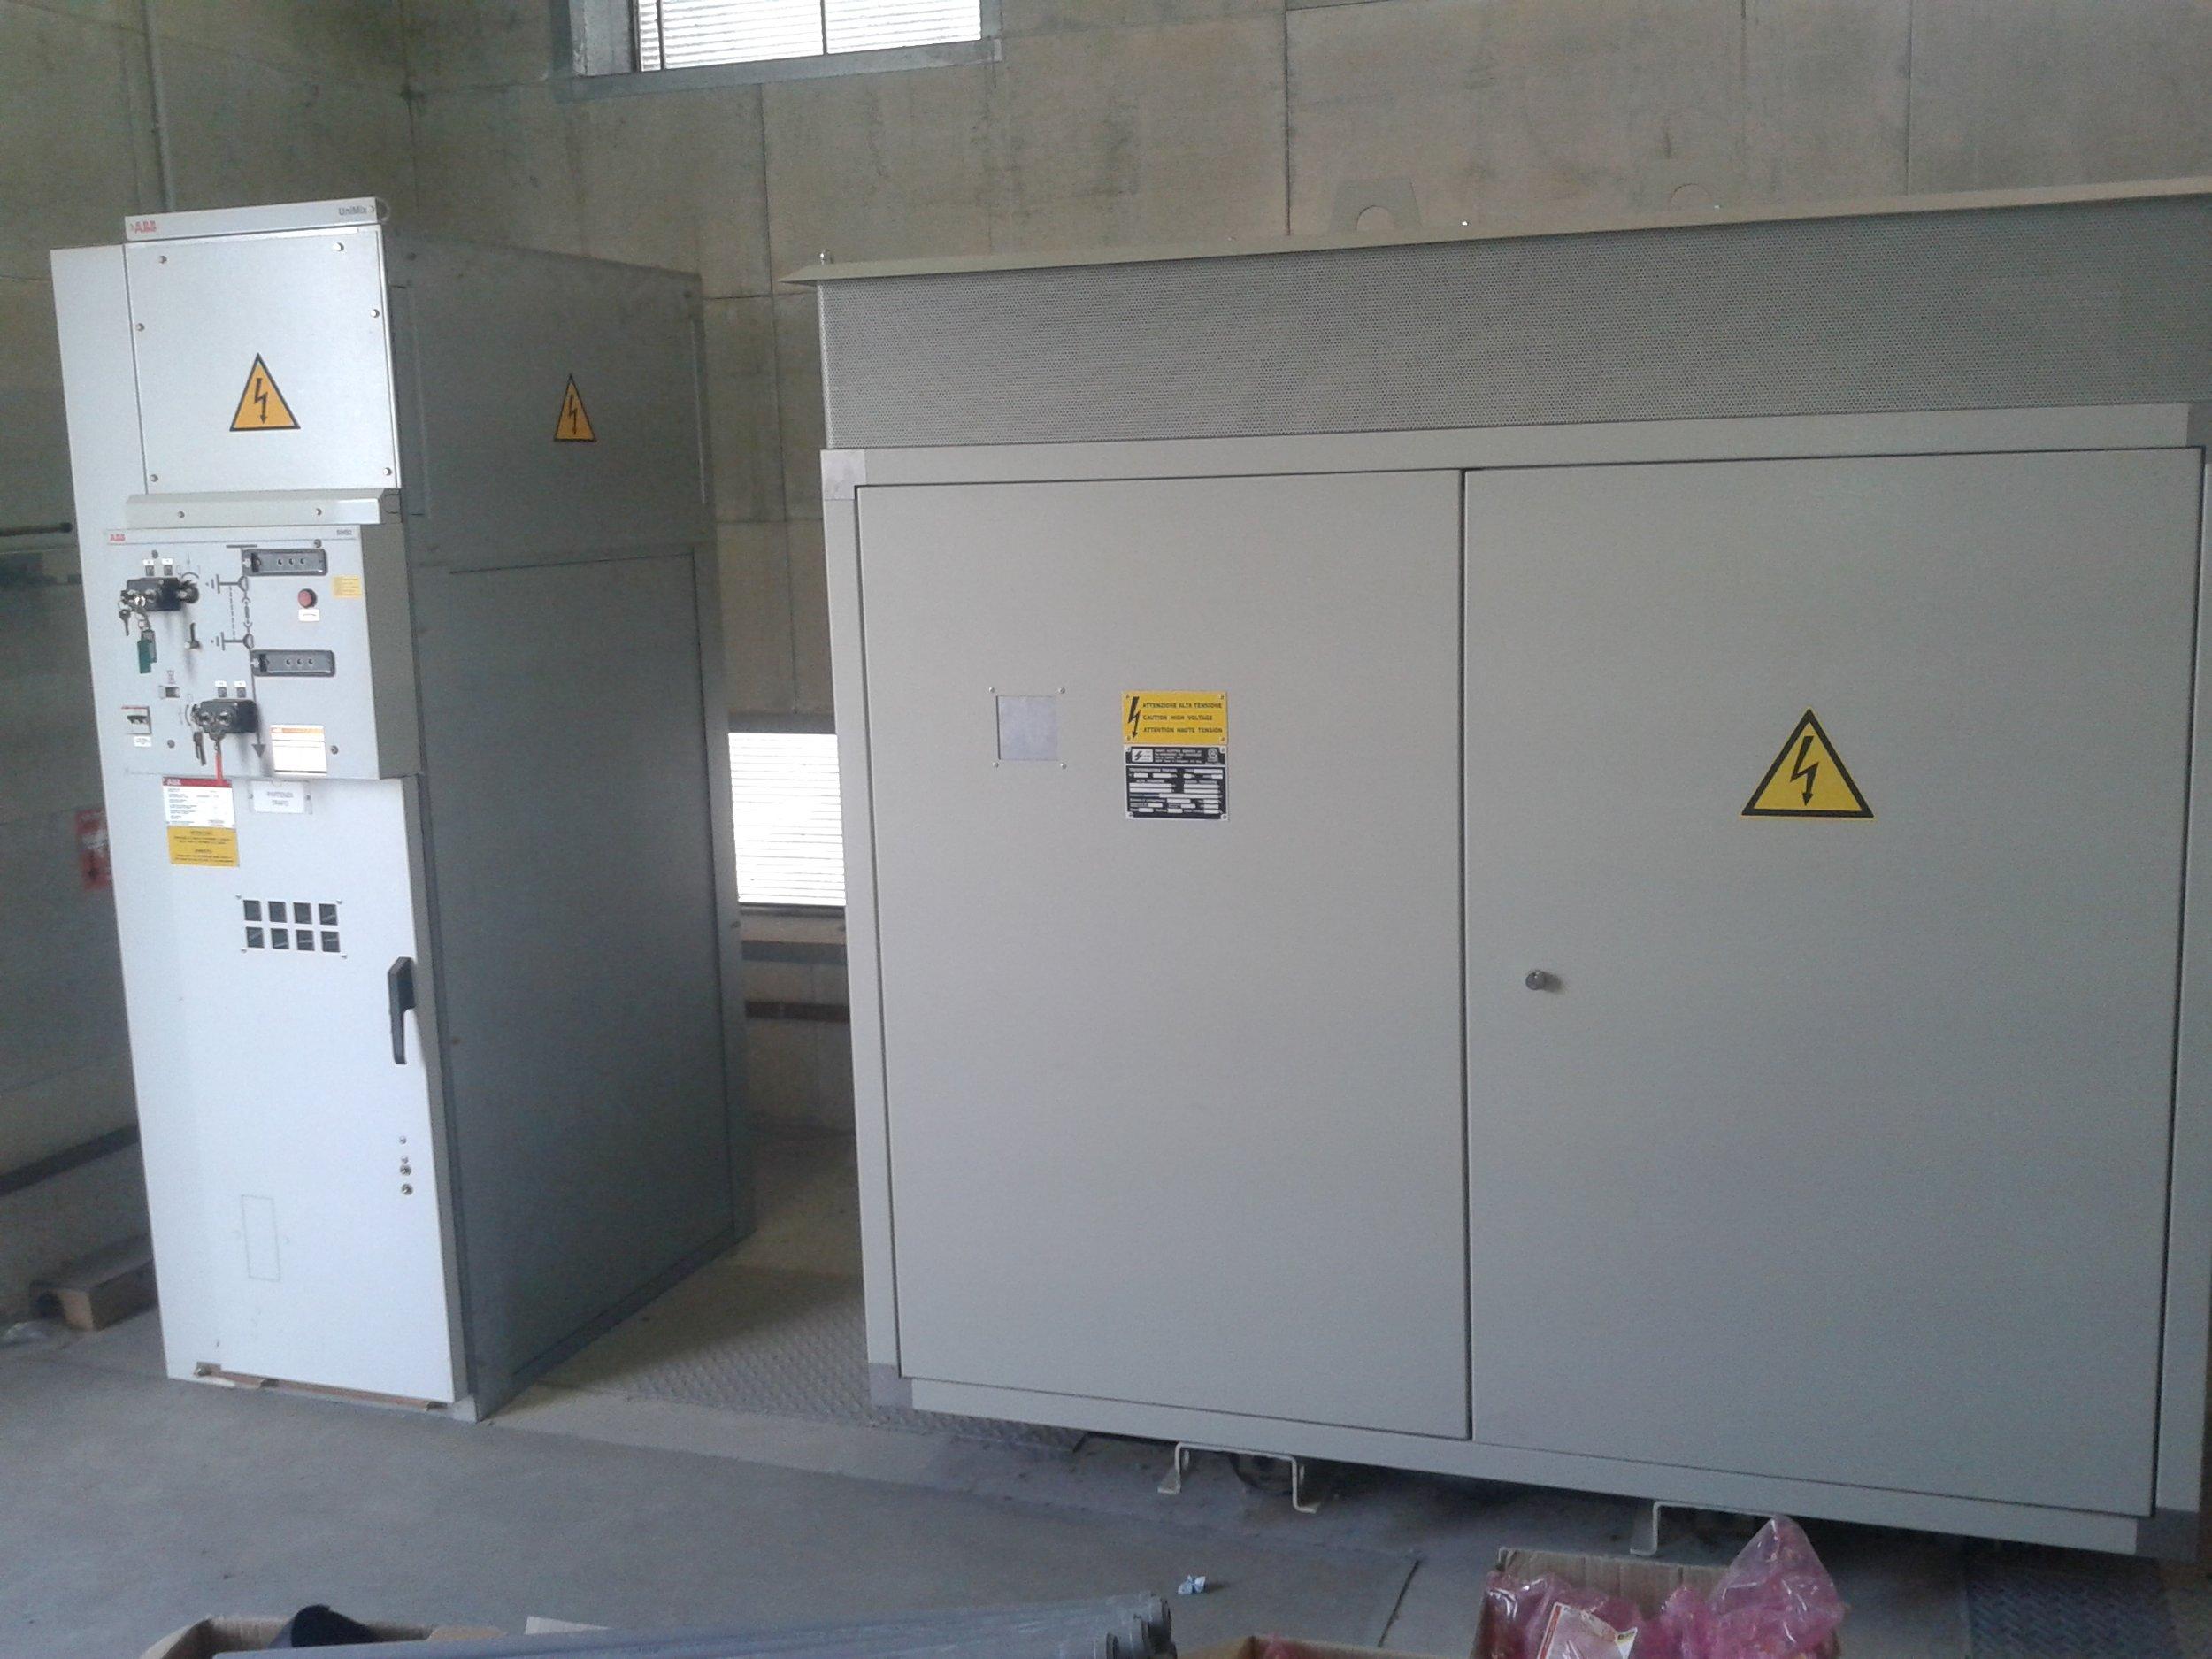 sirp impianti elettrici cabine elettriche cuneo cherasco piemonte progettazione installazione manutenzione sistemi elettrici20140728_175424.jpg